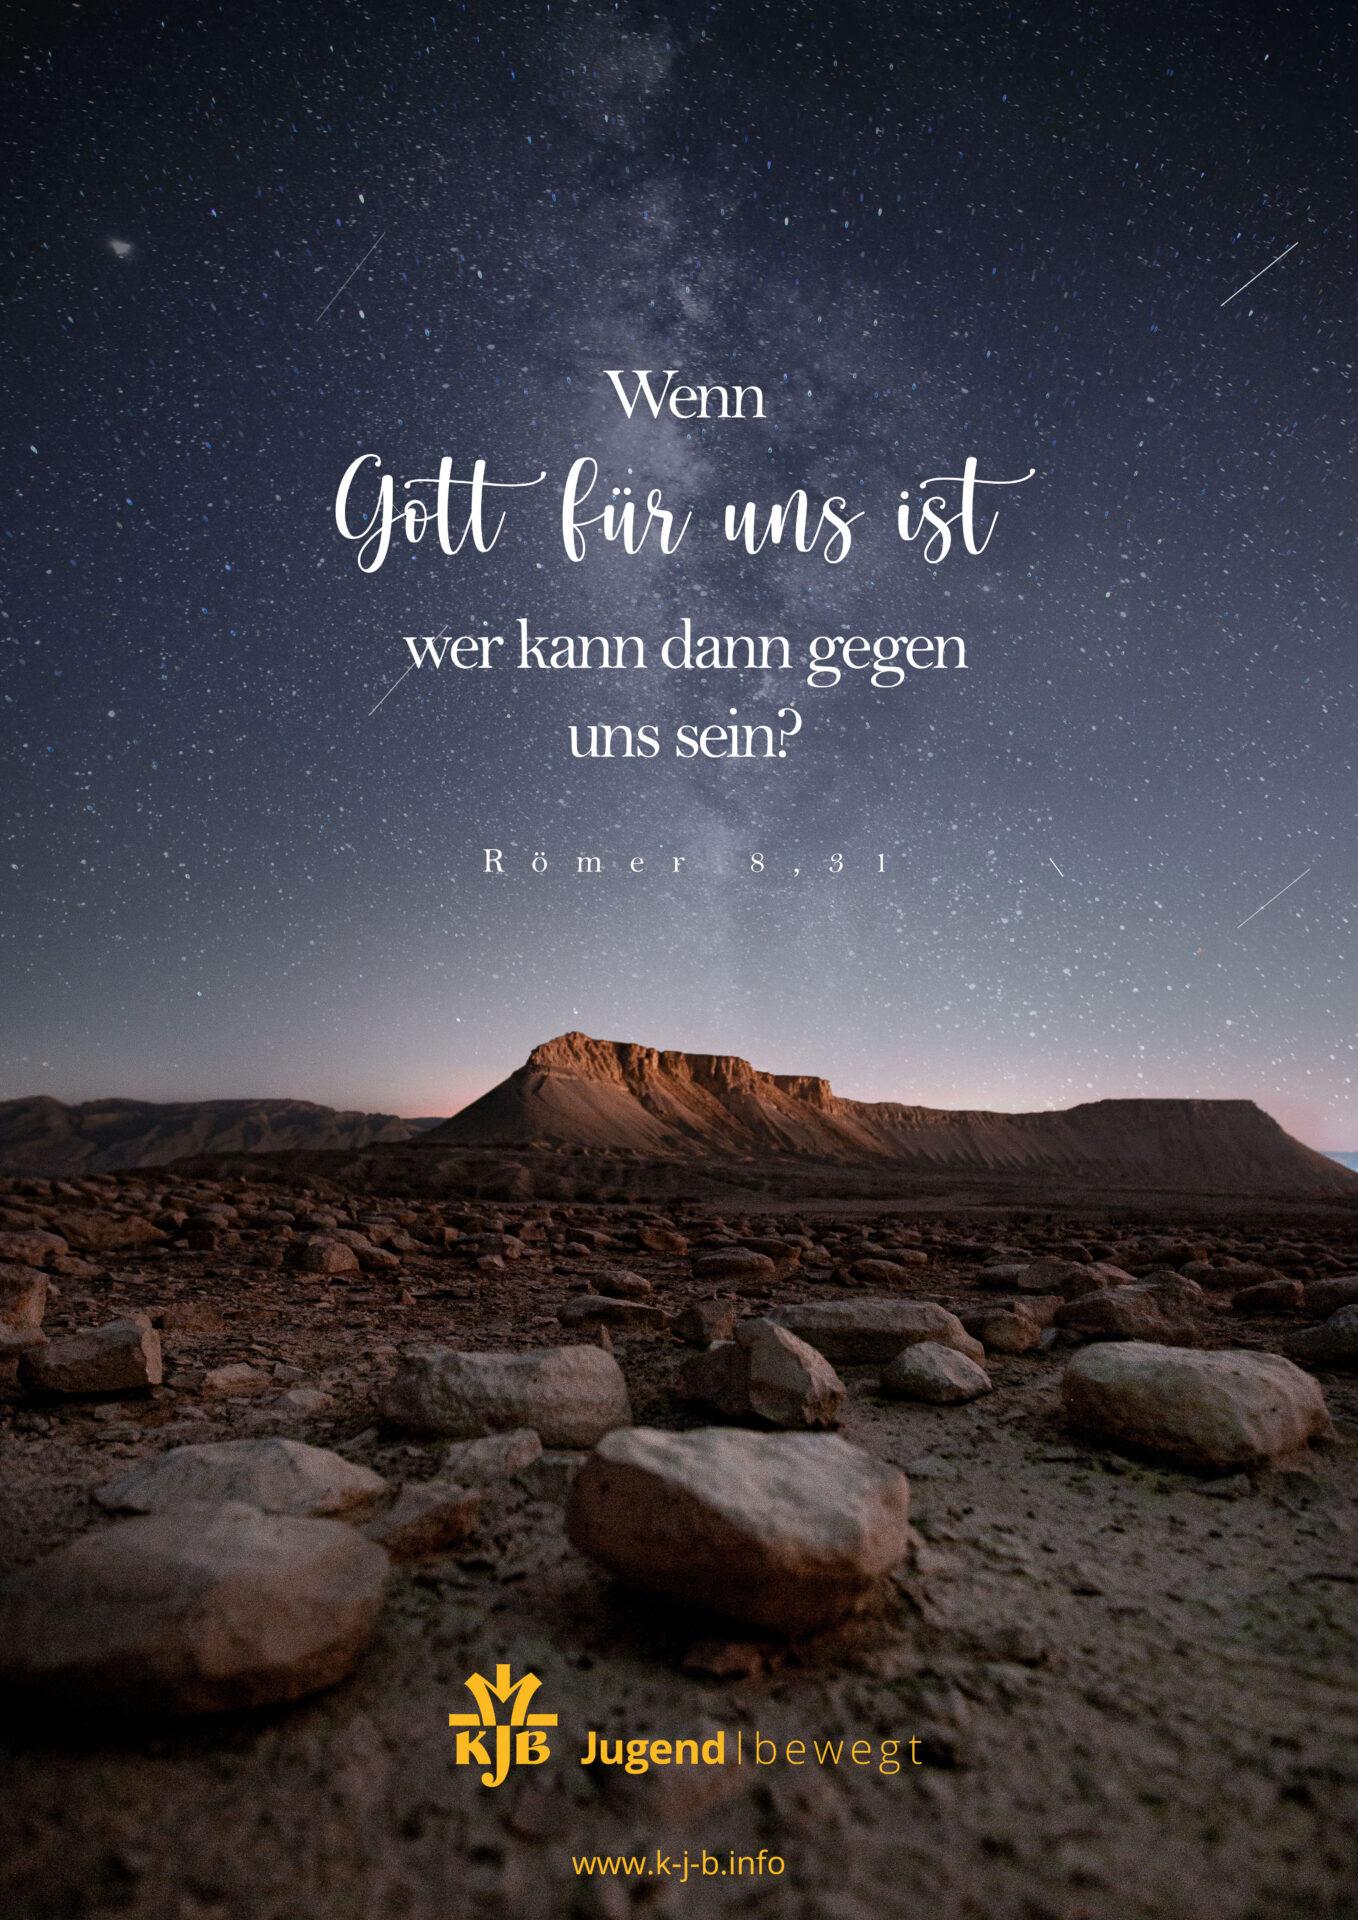 Ausdrucksstarke Bilder: Wenn Gott für uns ist